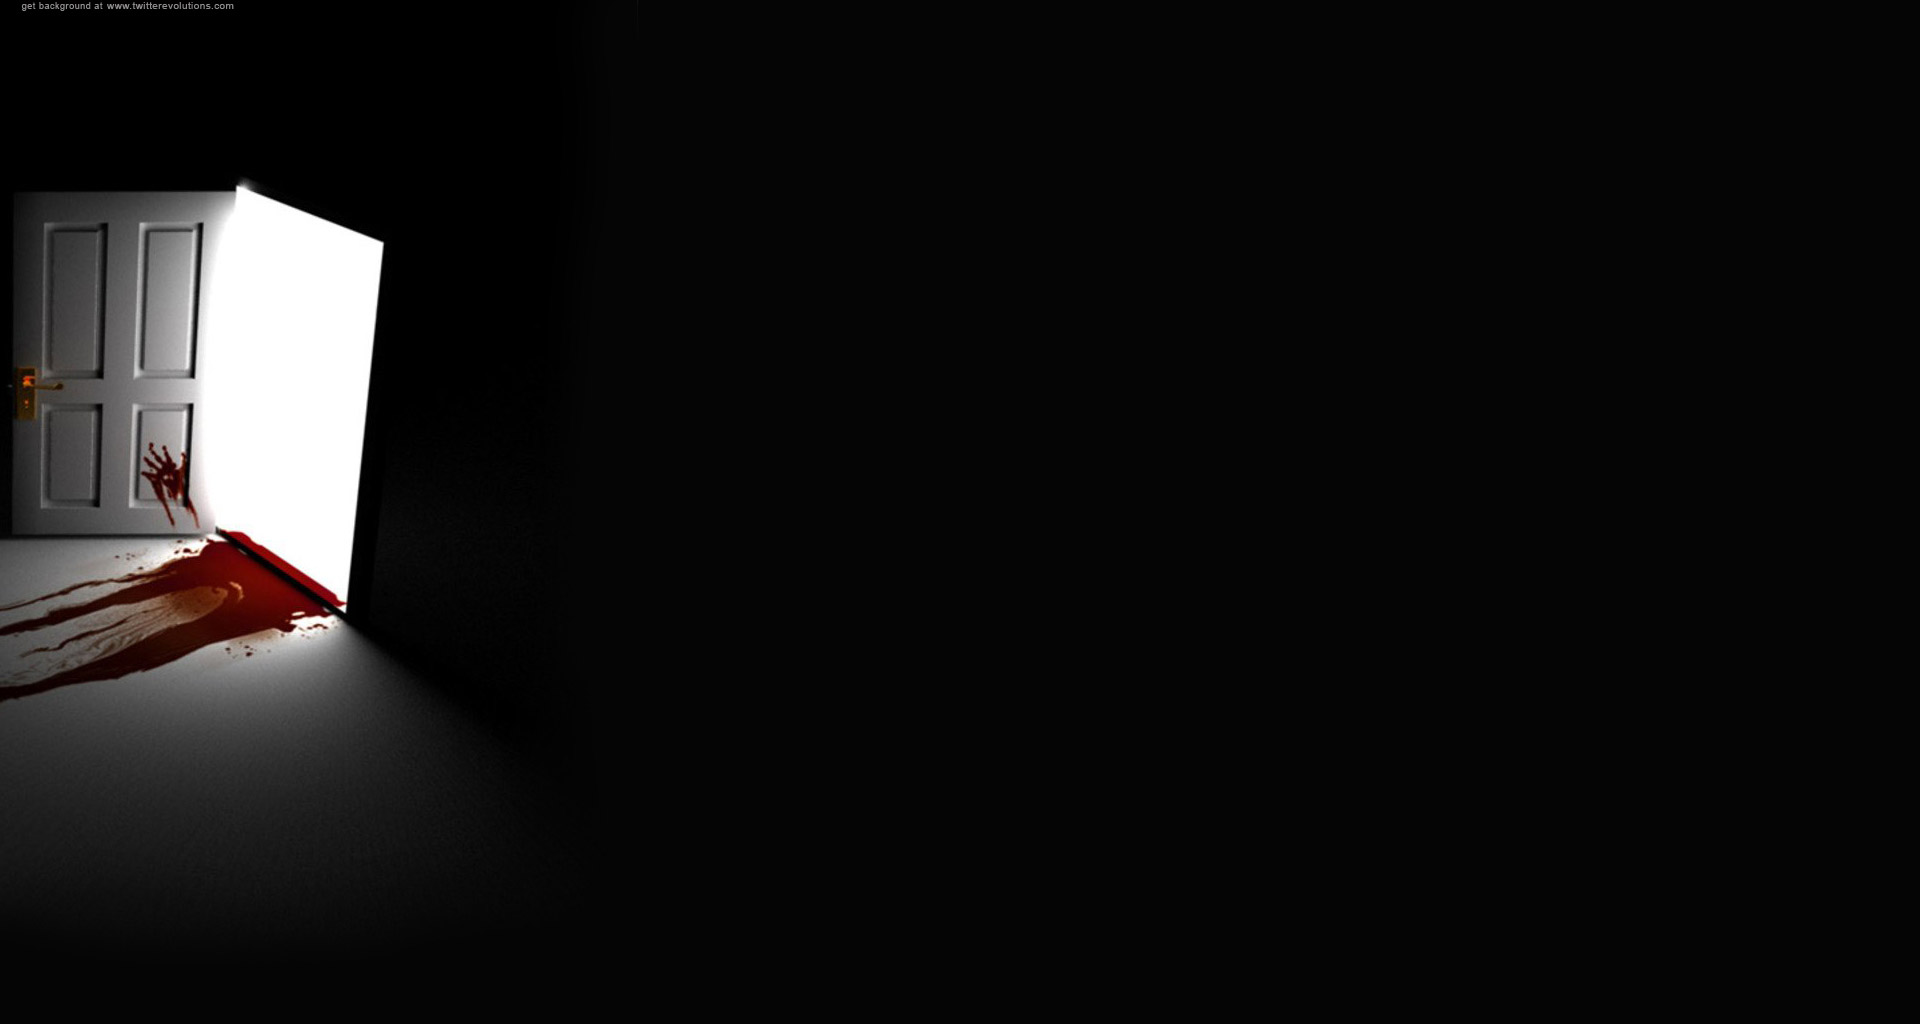 Horror Movie Background 1920x1024